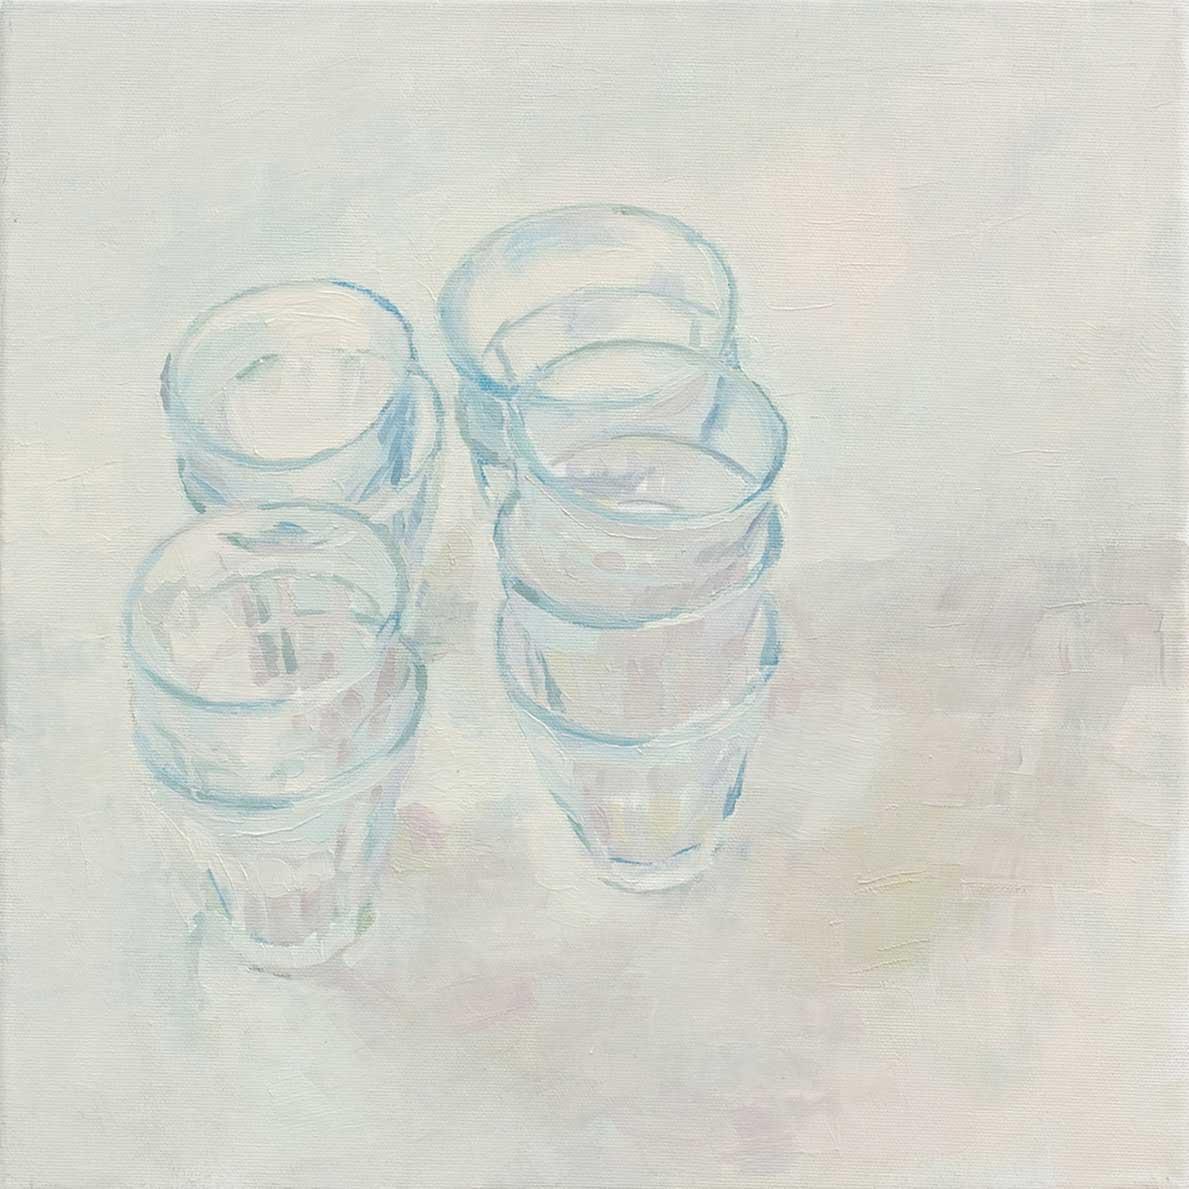 Gläser, 40 x 40 cm, Öl/Lwd, 2009